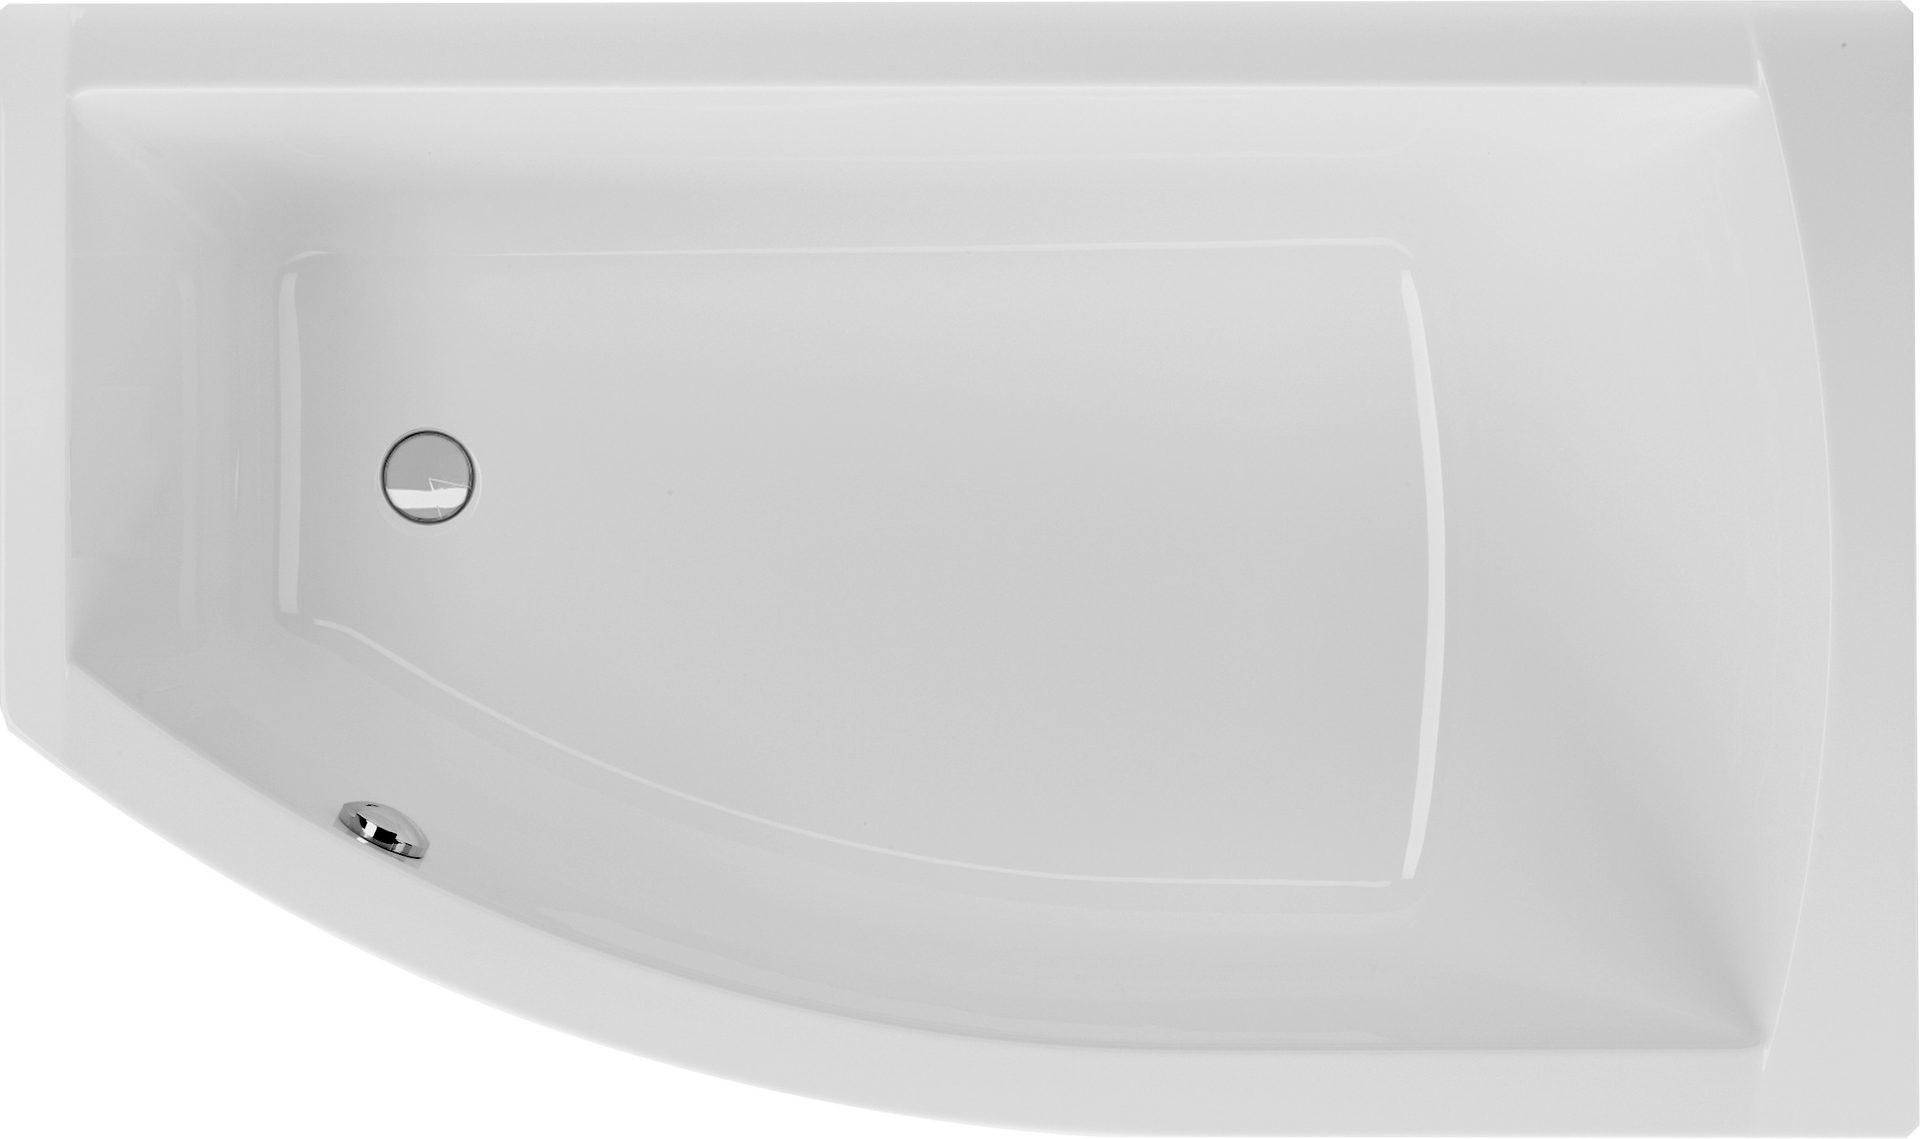 Gut bekannt Badewanne asymmetrisch 160 x 95 x 45,5 cm | Bad Heizung Design JV52